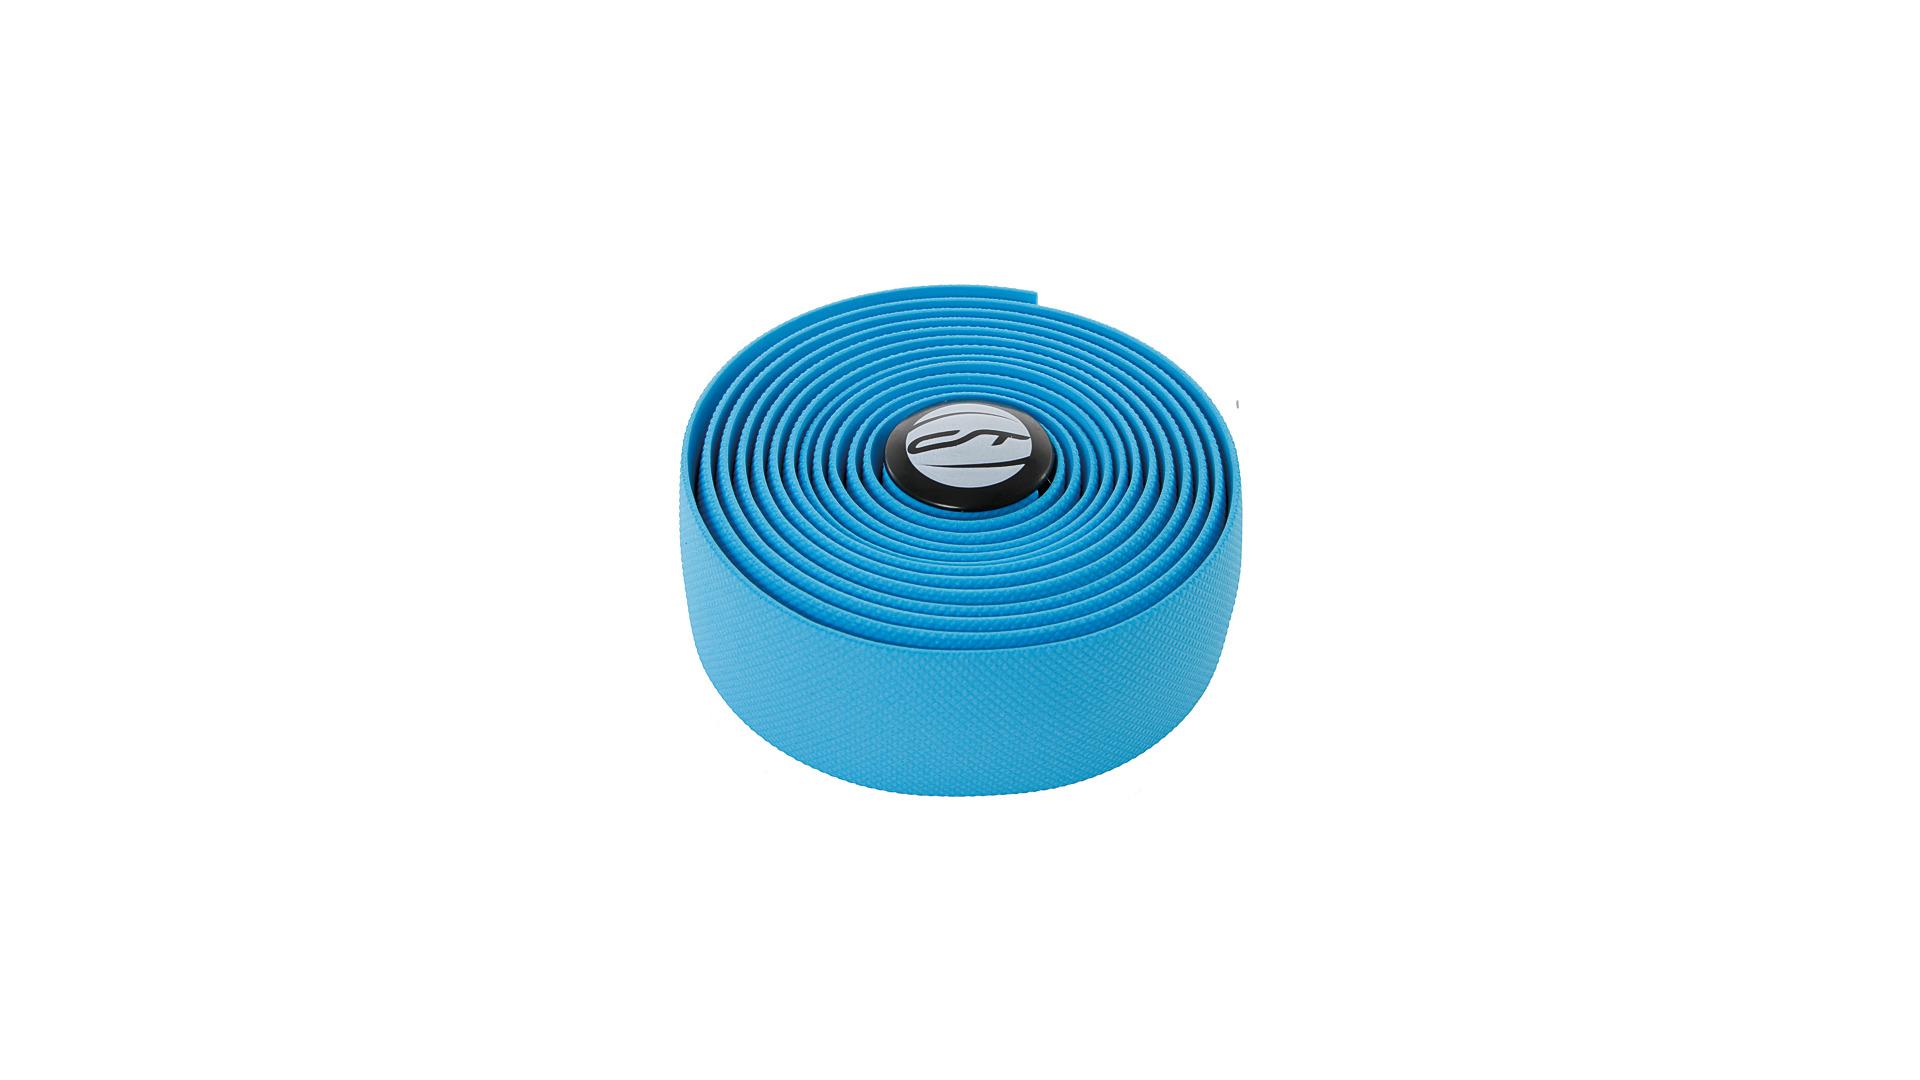 CONTEC styrbånd DMND 2K højkvalitets syntetisk PU styr tape materialer med gel forbedrer komforten, reducerer vibrationer og sikrer god adhæsion, meget elastisk, fremragende greb, vaskbar, inkl. 2 handlebar stik og klæbestriml   Bar tape